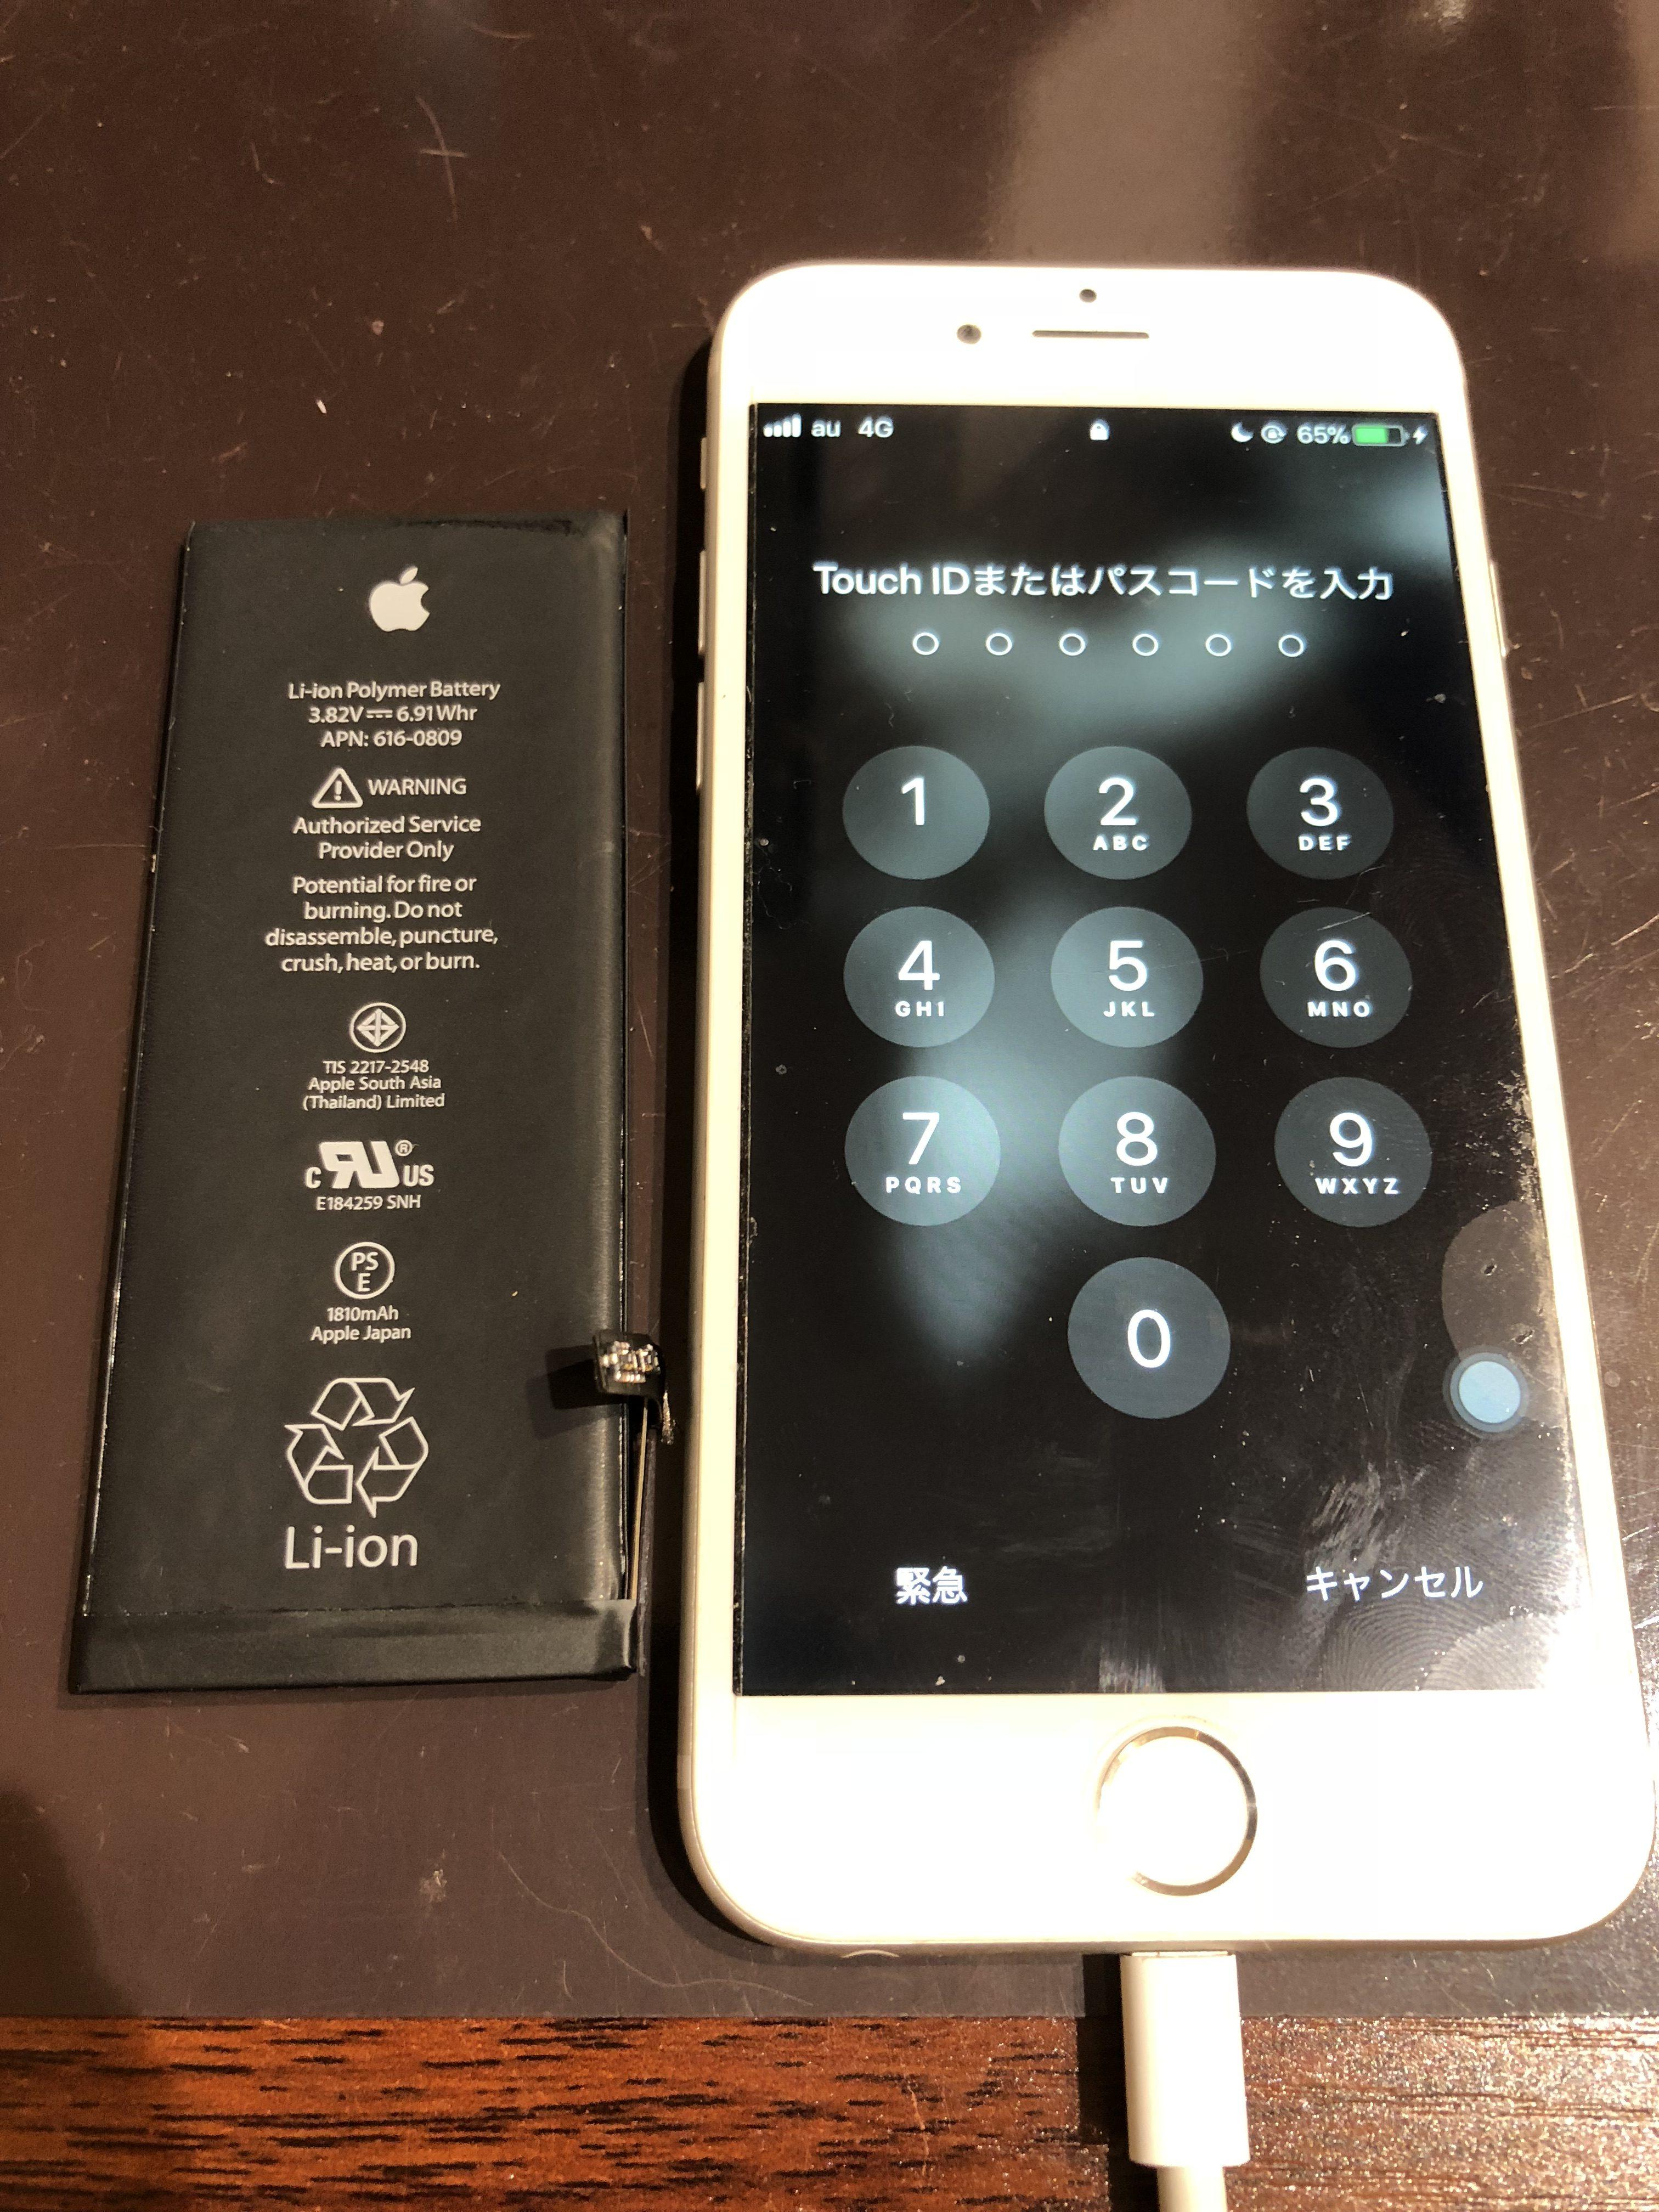 長年利用していると消耗してくるバッテリー…当店で交換いただければ、また電池長持ちのアイフォンに戻ります?2箇所同時に修理させていただくとなんと20%オフ!お得な修理をするならスマートクールつかしん店♪【尼崎市からお越しのお客様】